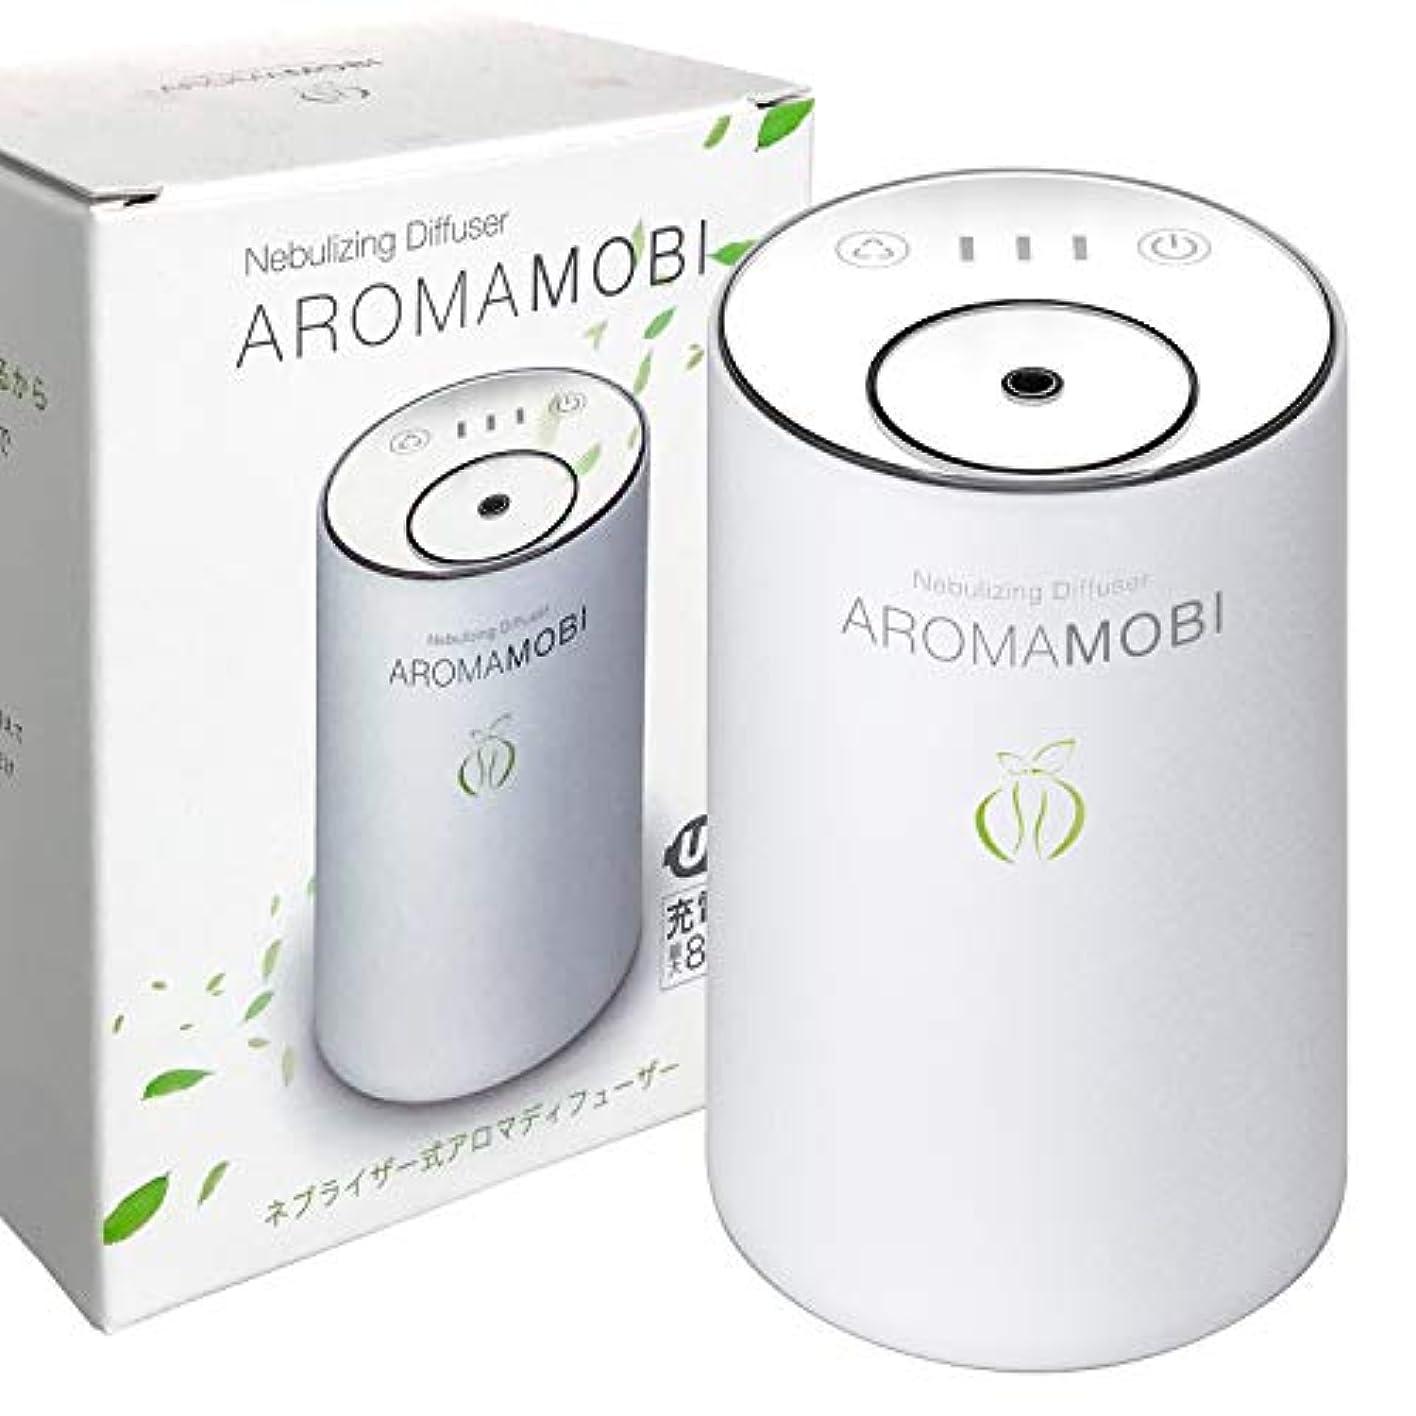 市の花滝活力funks AROMA MOBI 充電式 アロマディフューザー ネブライザー式 ホワイト